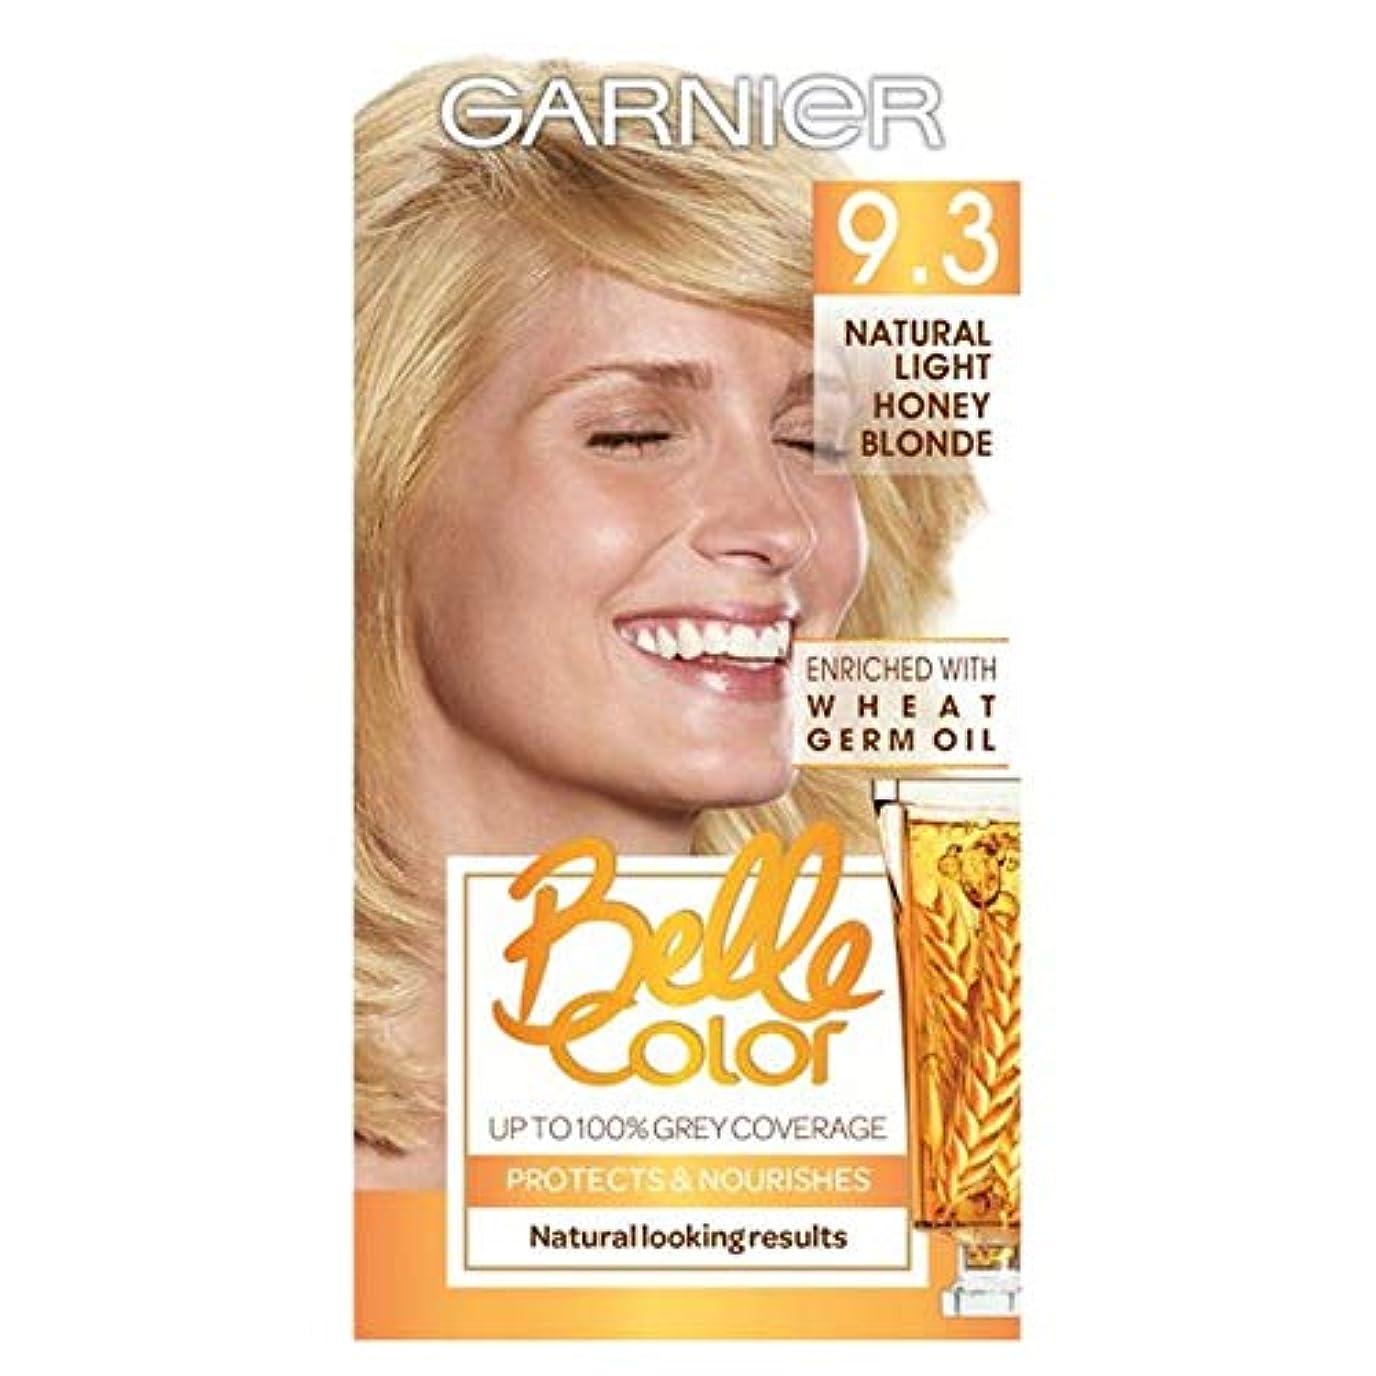 優越ライラック心配する[Belle Color] ガーン/ベル/Clr 9.3自然光の蜂蜜ブロンドパーマネントヘアダイ - Garn/Bel/Clr 9.3 Natural Light Honey Blonde Permanent Hair...